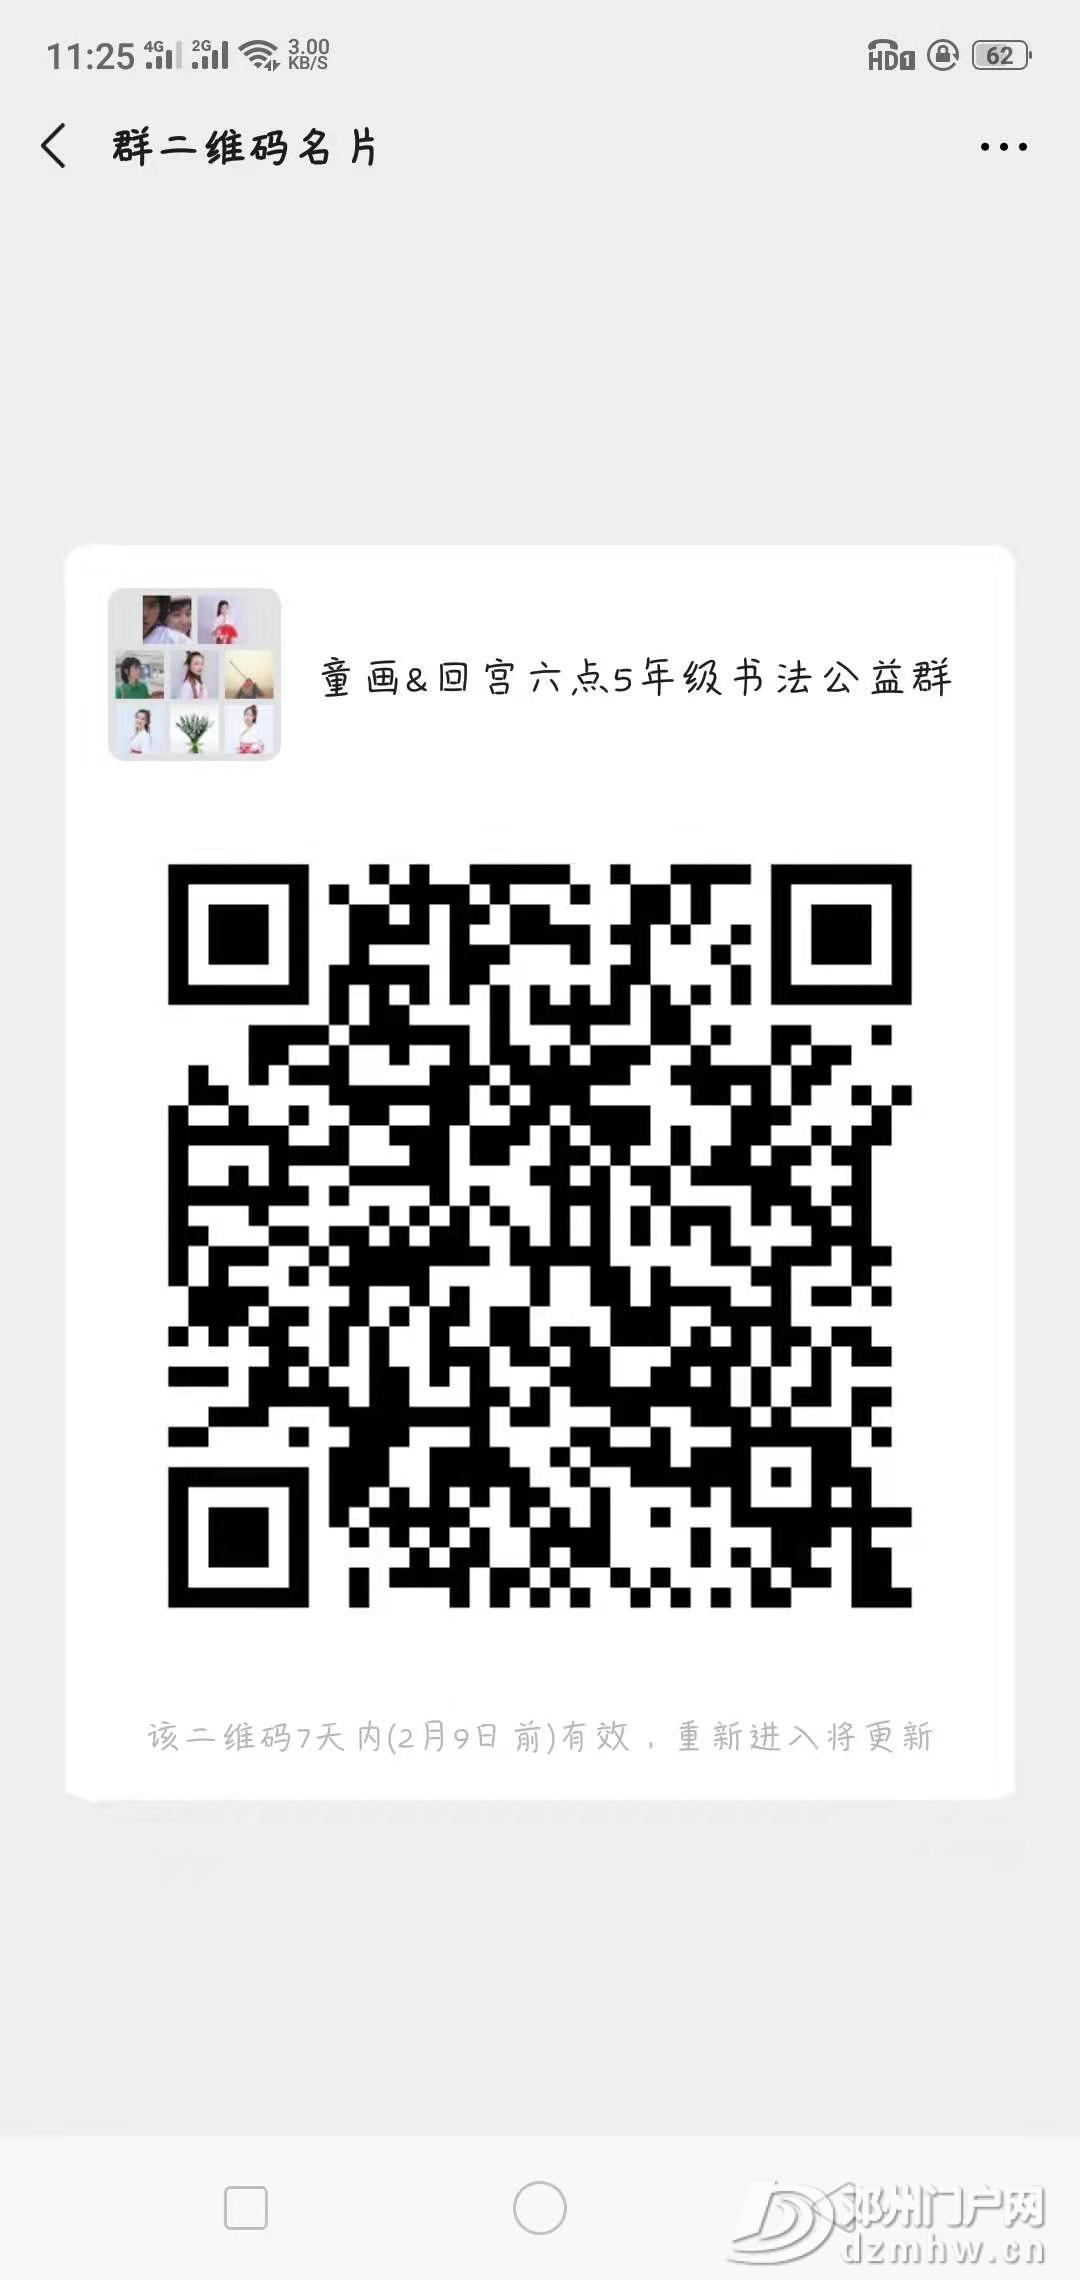 童画线上公益活动课 - 邓州门户网|邓州网 - 14.jpg